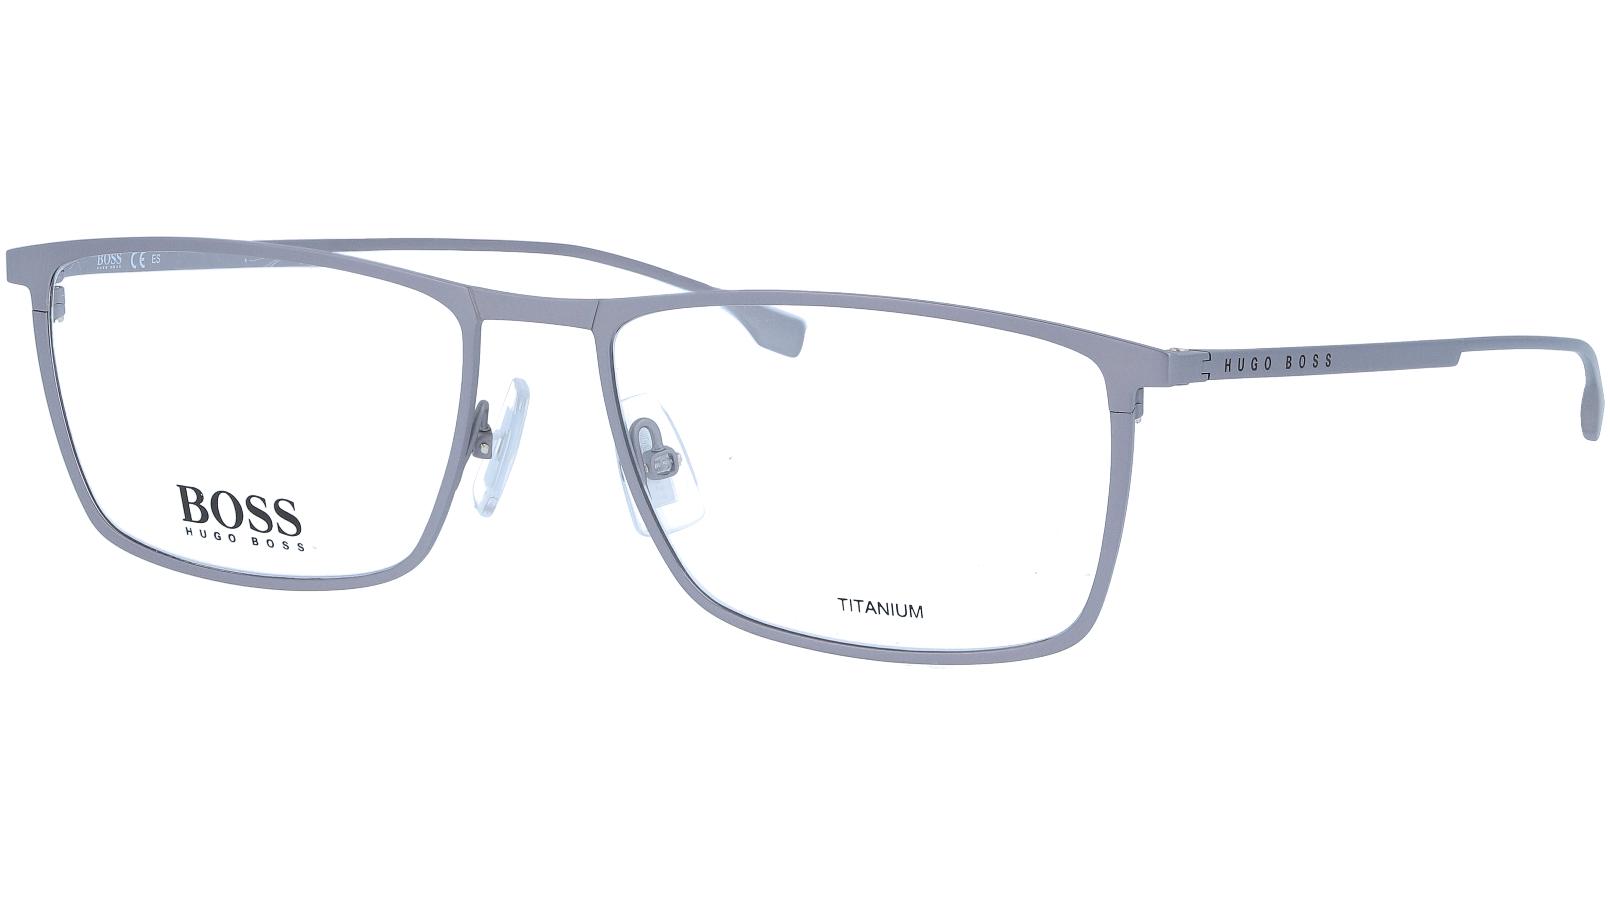 HUGO BOSS BOSS0976 FRE 57 MATT Glasses